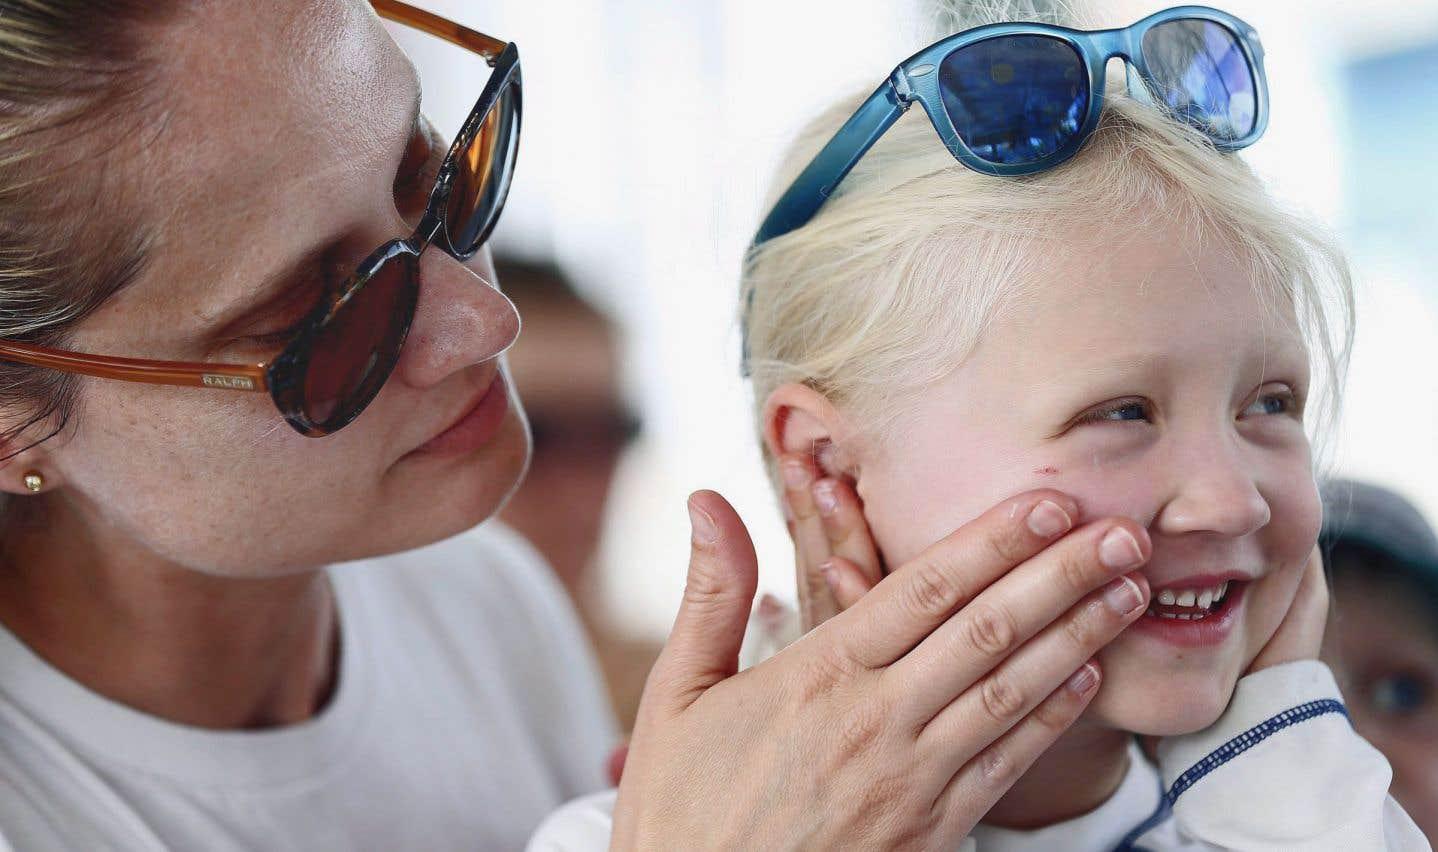 Les nanoparticules peuvent être absorbées par la peau, car elles sont utilisées dans la plupart des crèmes solaires et des cosmétiques pour leur capacité à capter les rayons ultraviolets.